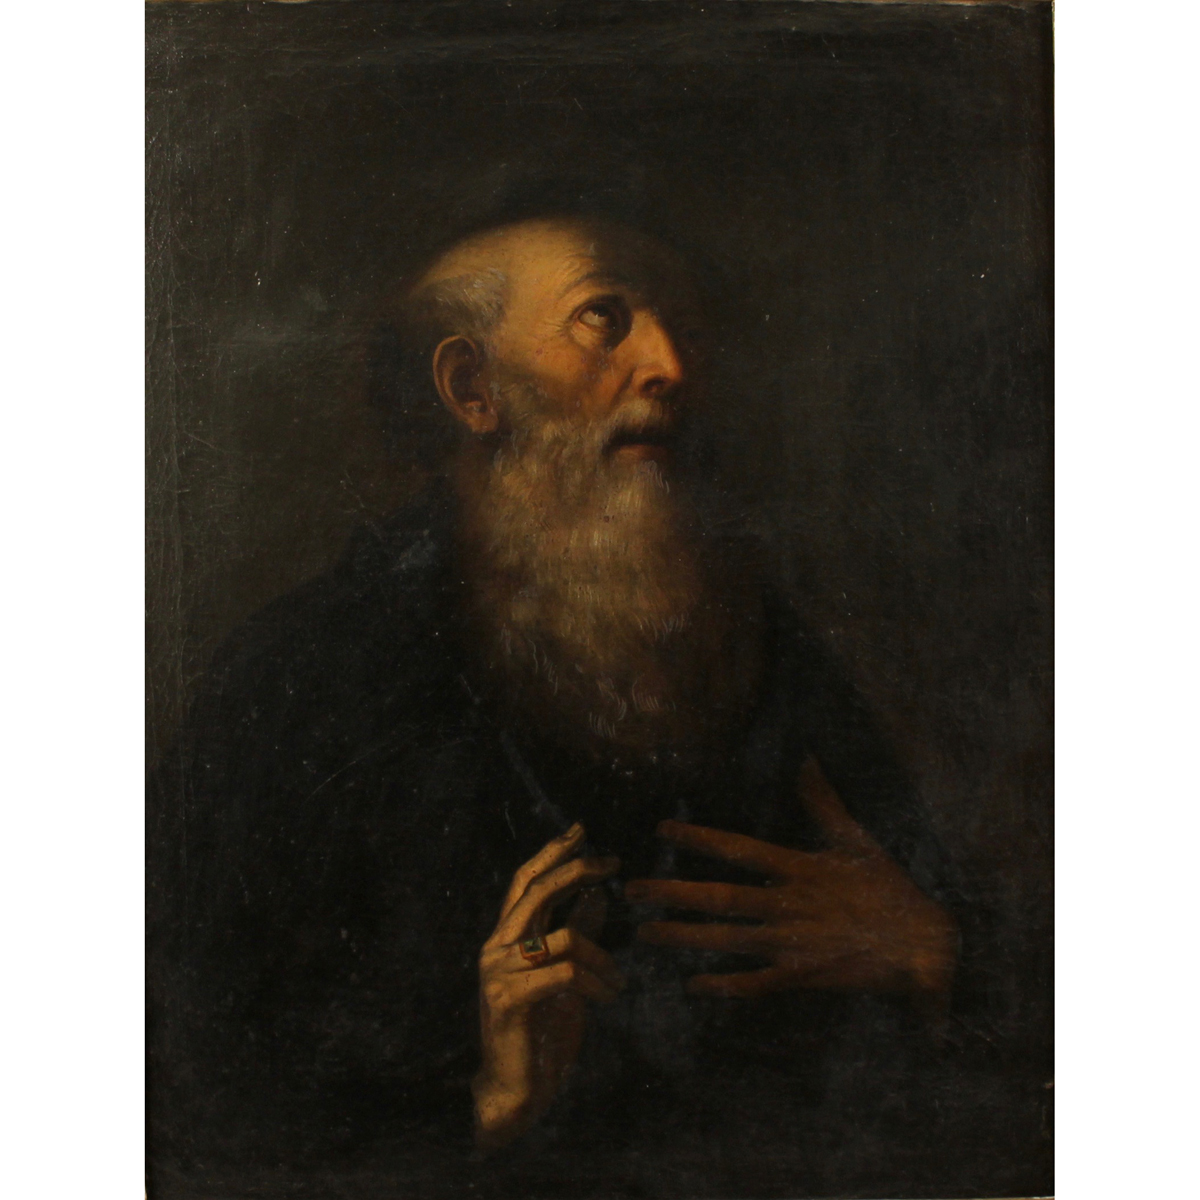 """SCUOLA NAPOLETANA DEL SECOLO XVIII """"San Benedetto""""-18th CENTURY NEAPOLITAN SCHOOL """"San Benedetto"""""""